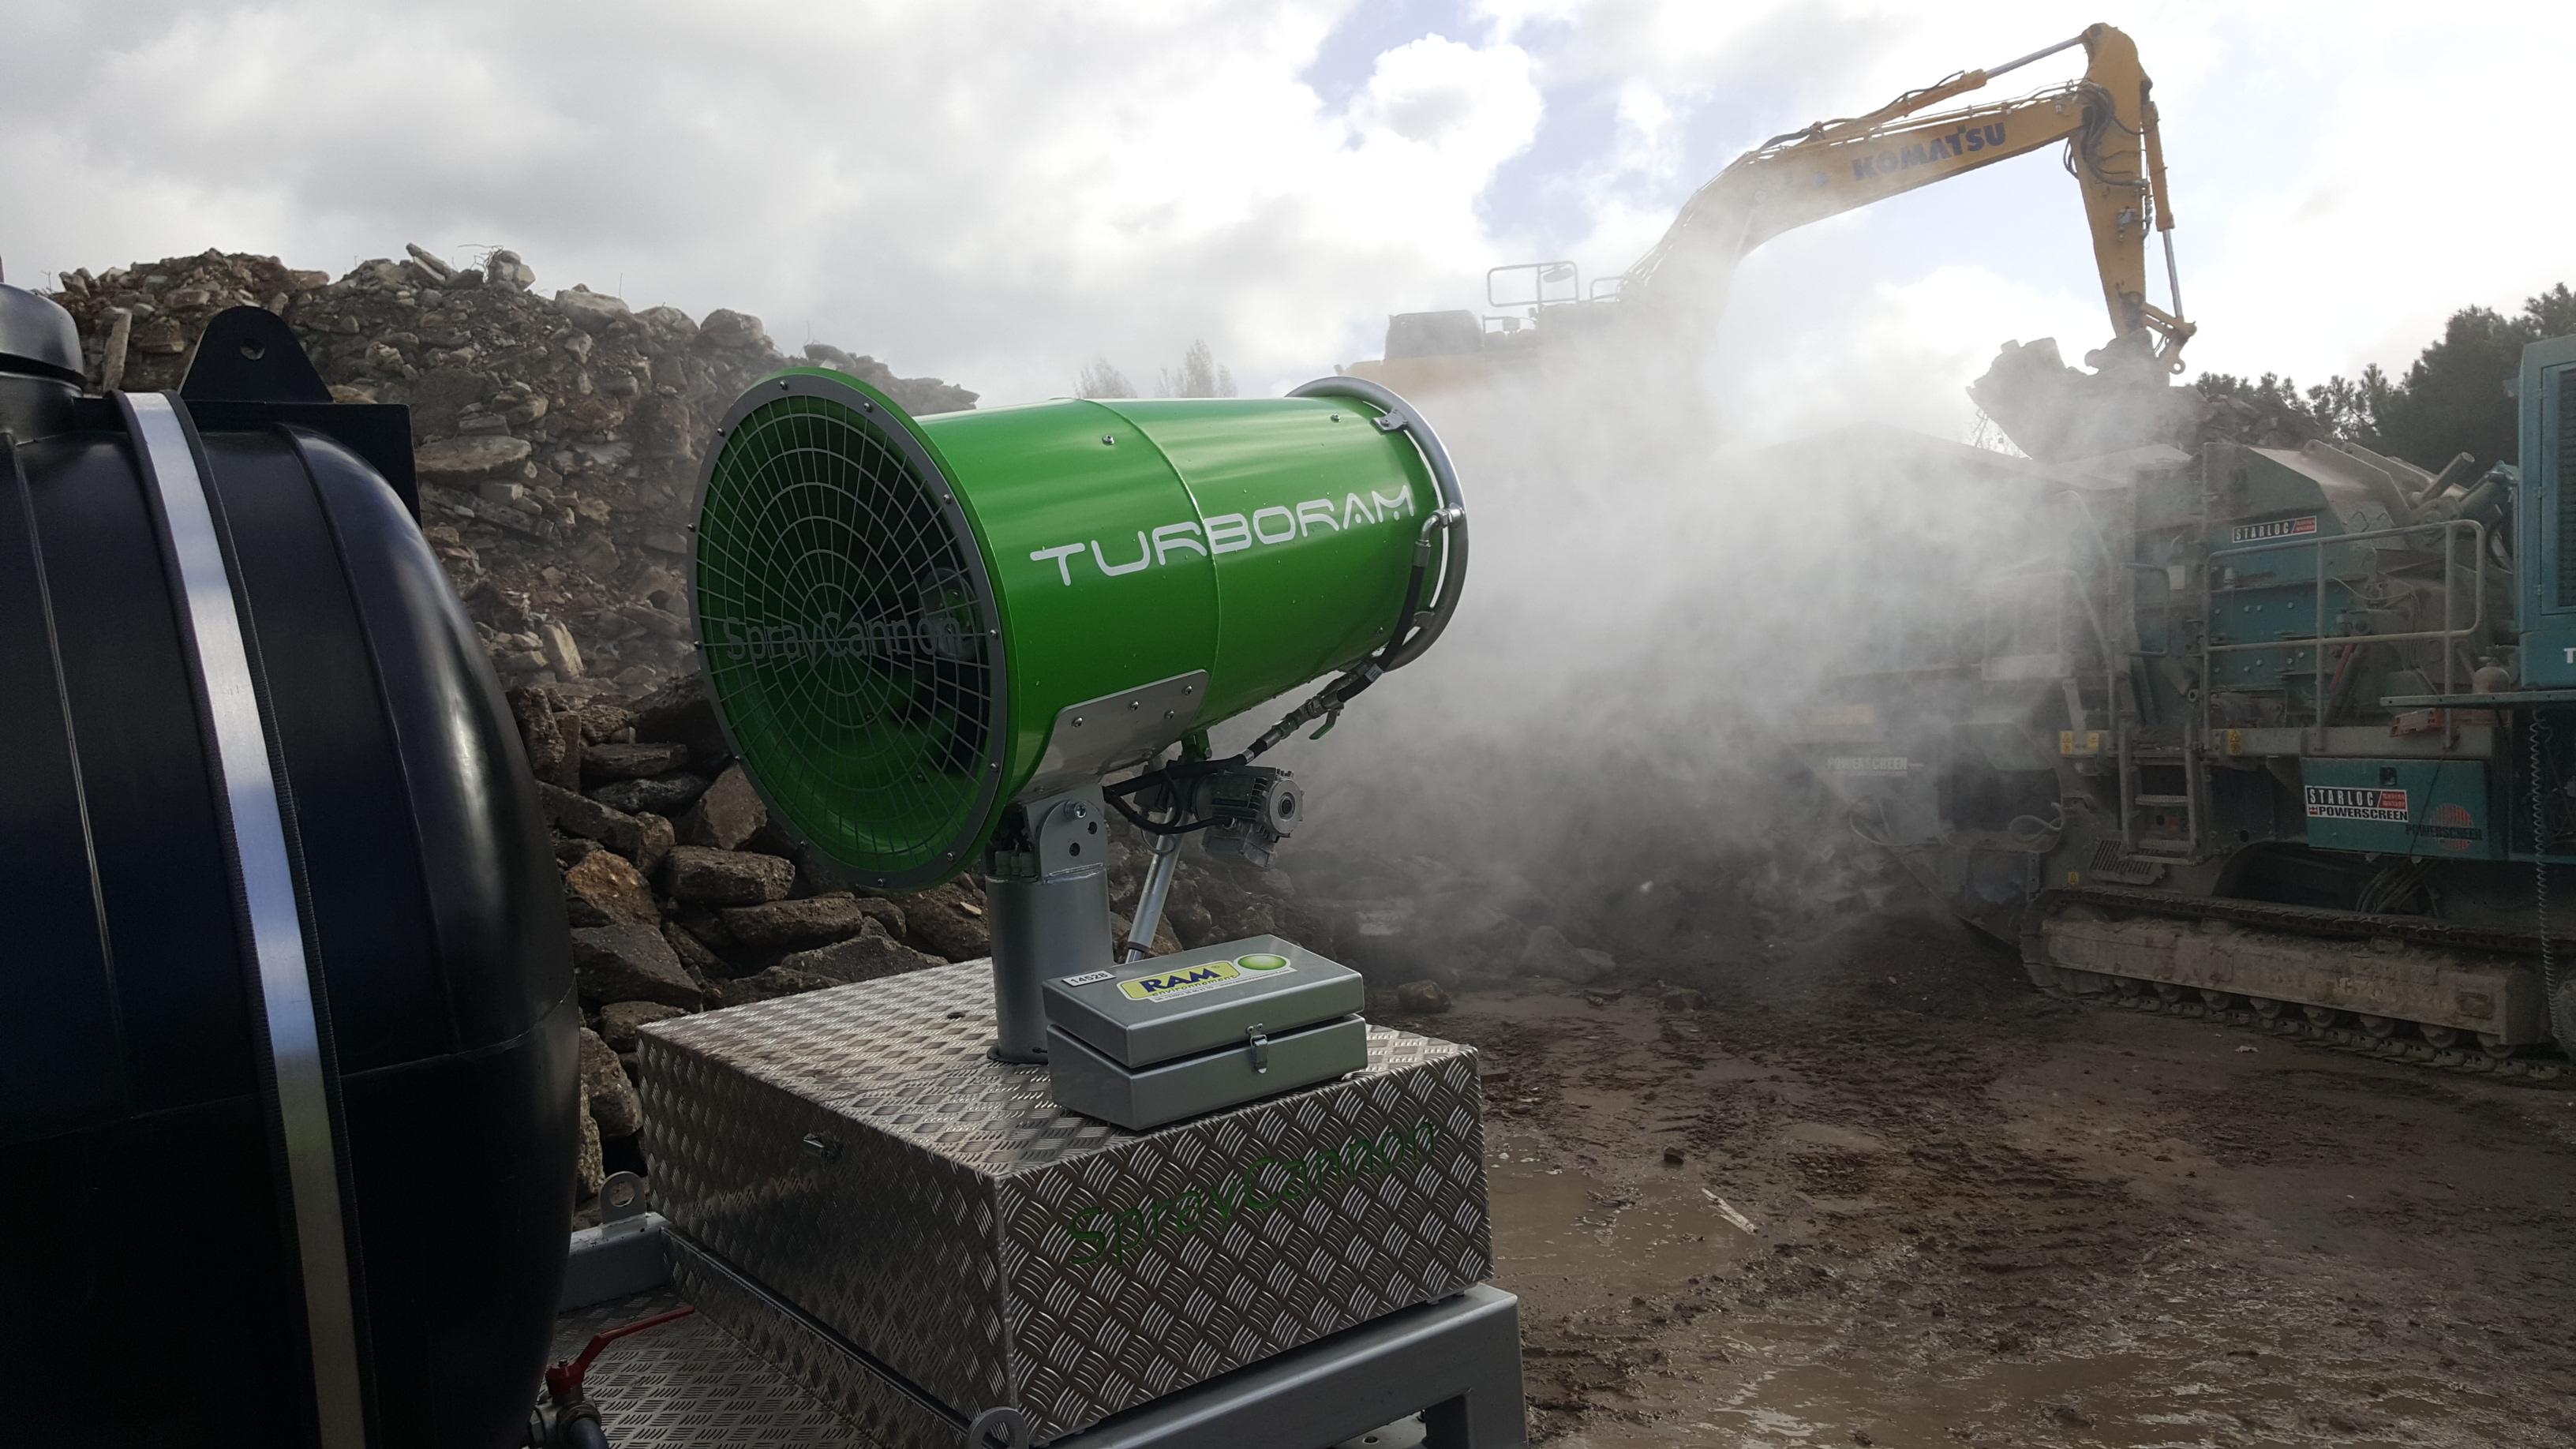 Le TURBORAM TRD40-SC est un brumisateur principalement destiné aux travaux de démolition, de dépollution, au BTP, et aux activités de recyclage. Avec cuve à eau